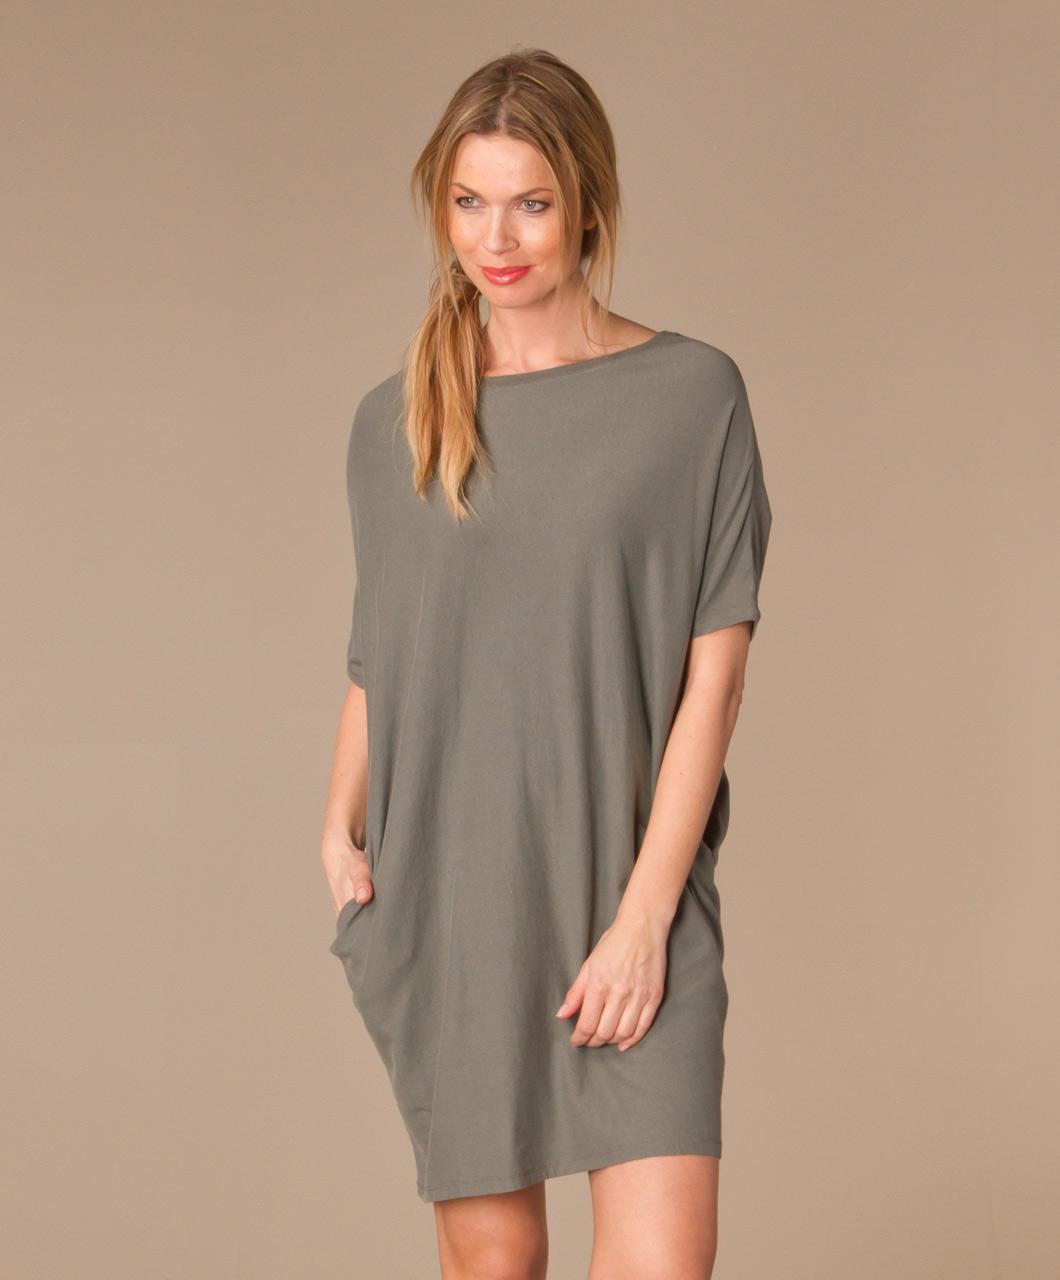 Oversized shirt jurk